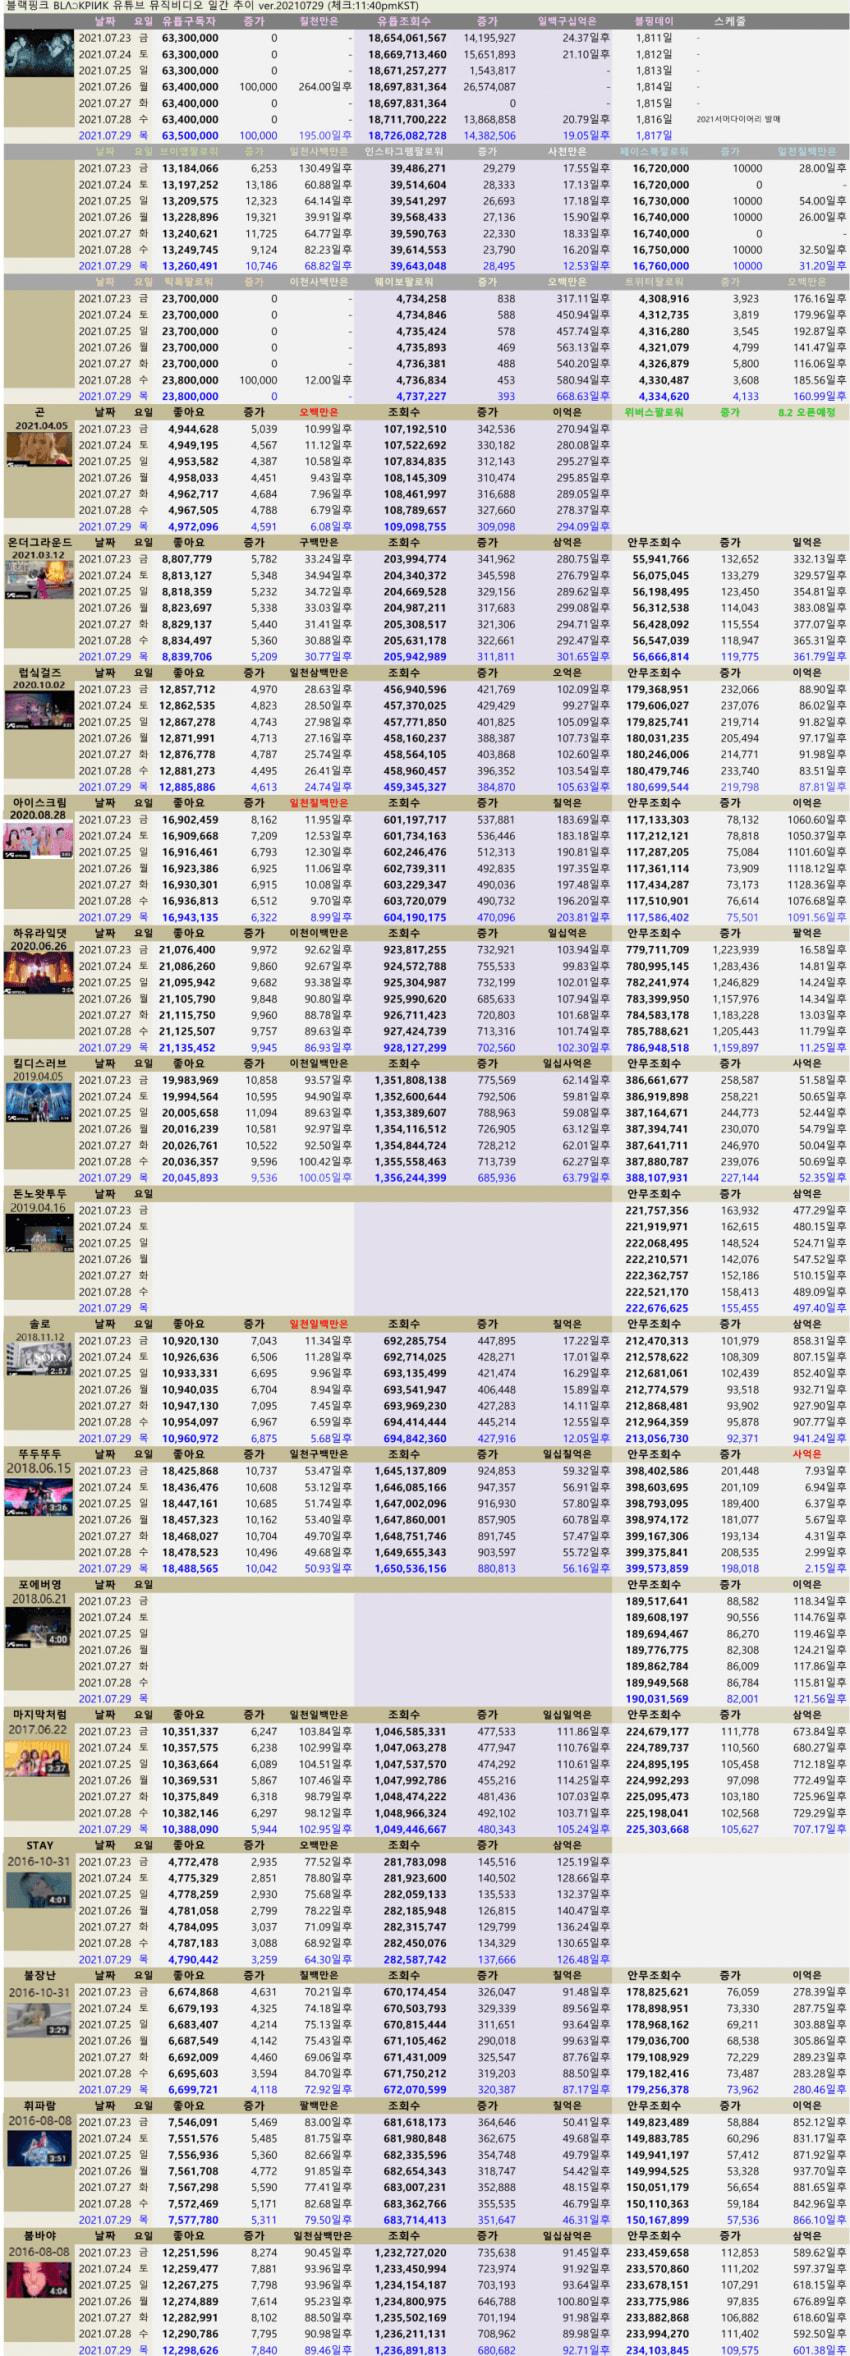 viewimage.php?id=2fb1d125eec231a865&no=24b0d769e1d32ca73feb86fa11d02831b7cca0f2855e21730c724febbe076d51ee6f8c6473649dbd5e25e5b11c6543891123750c60fe3ba9602a1650c5ec122ee7a304d4